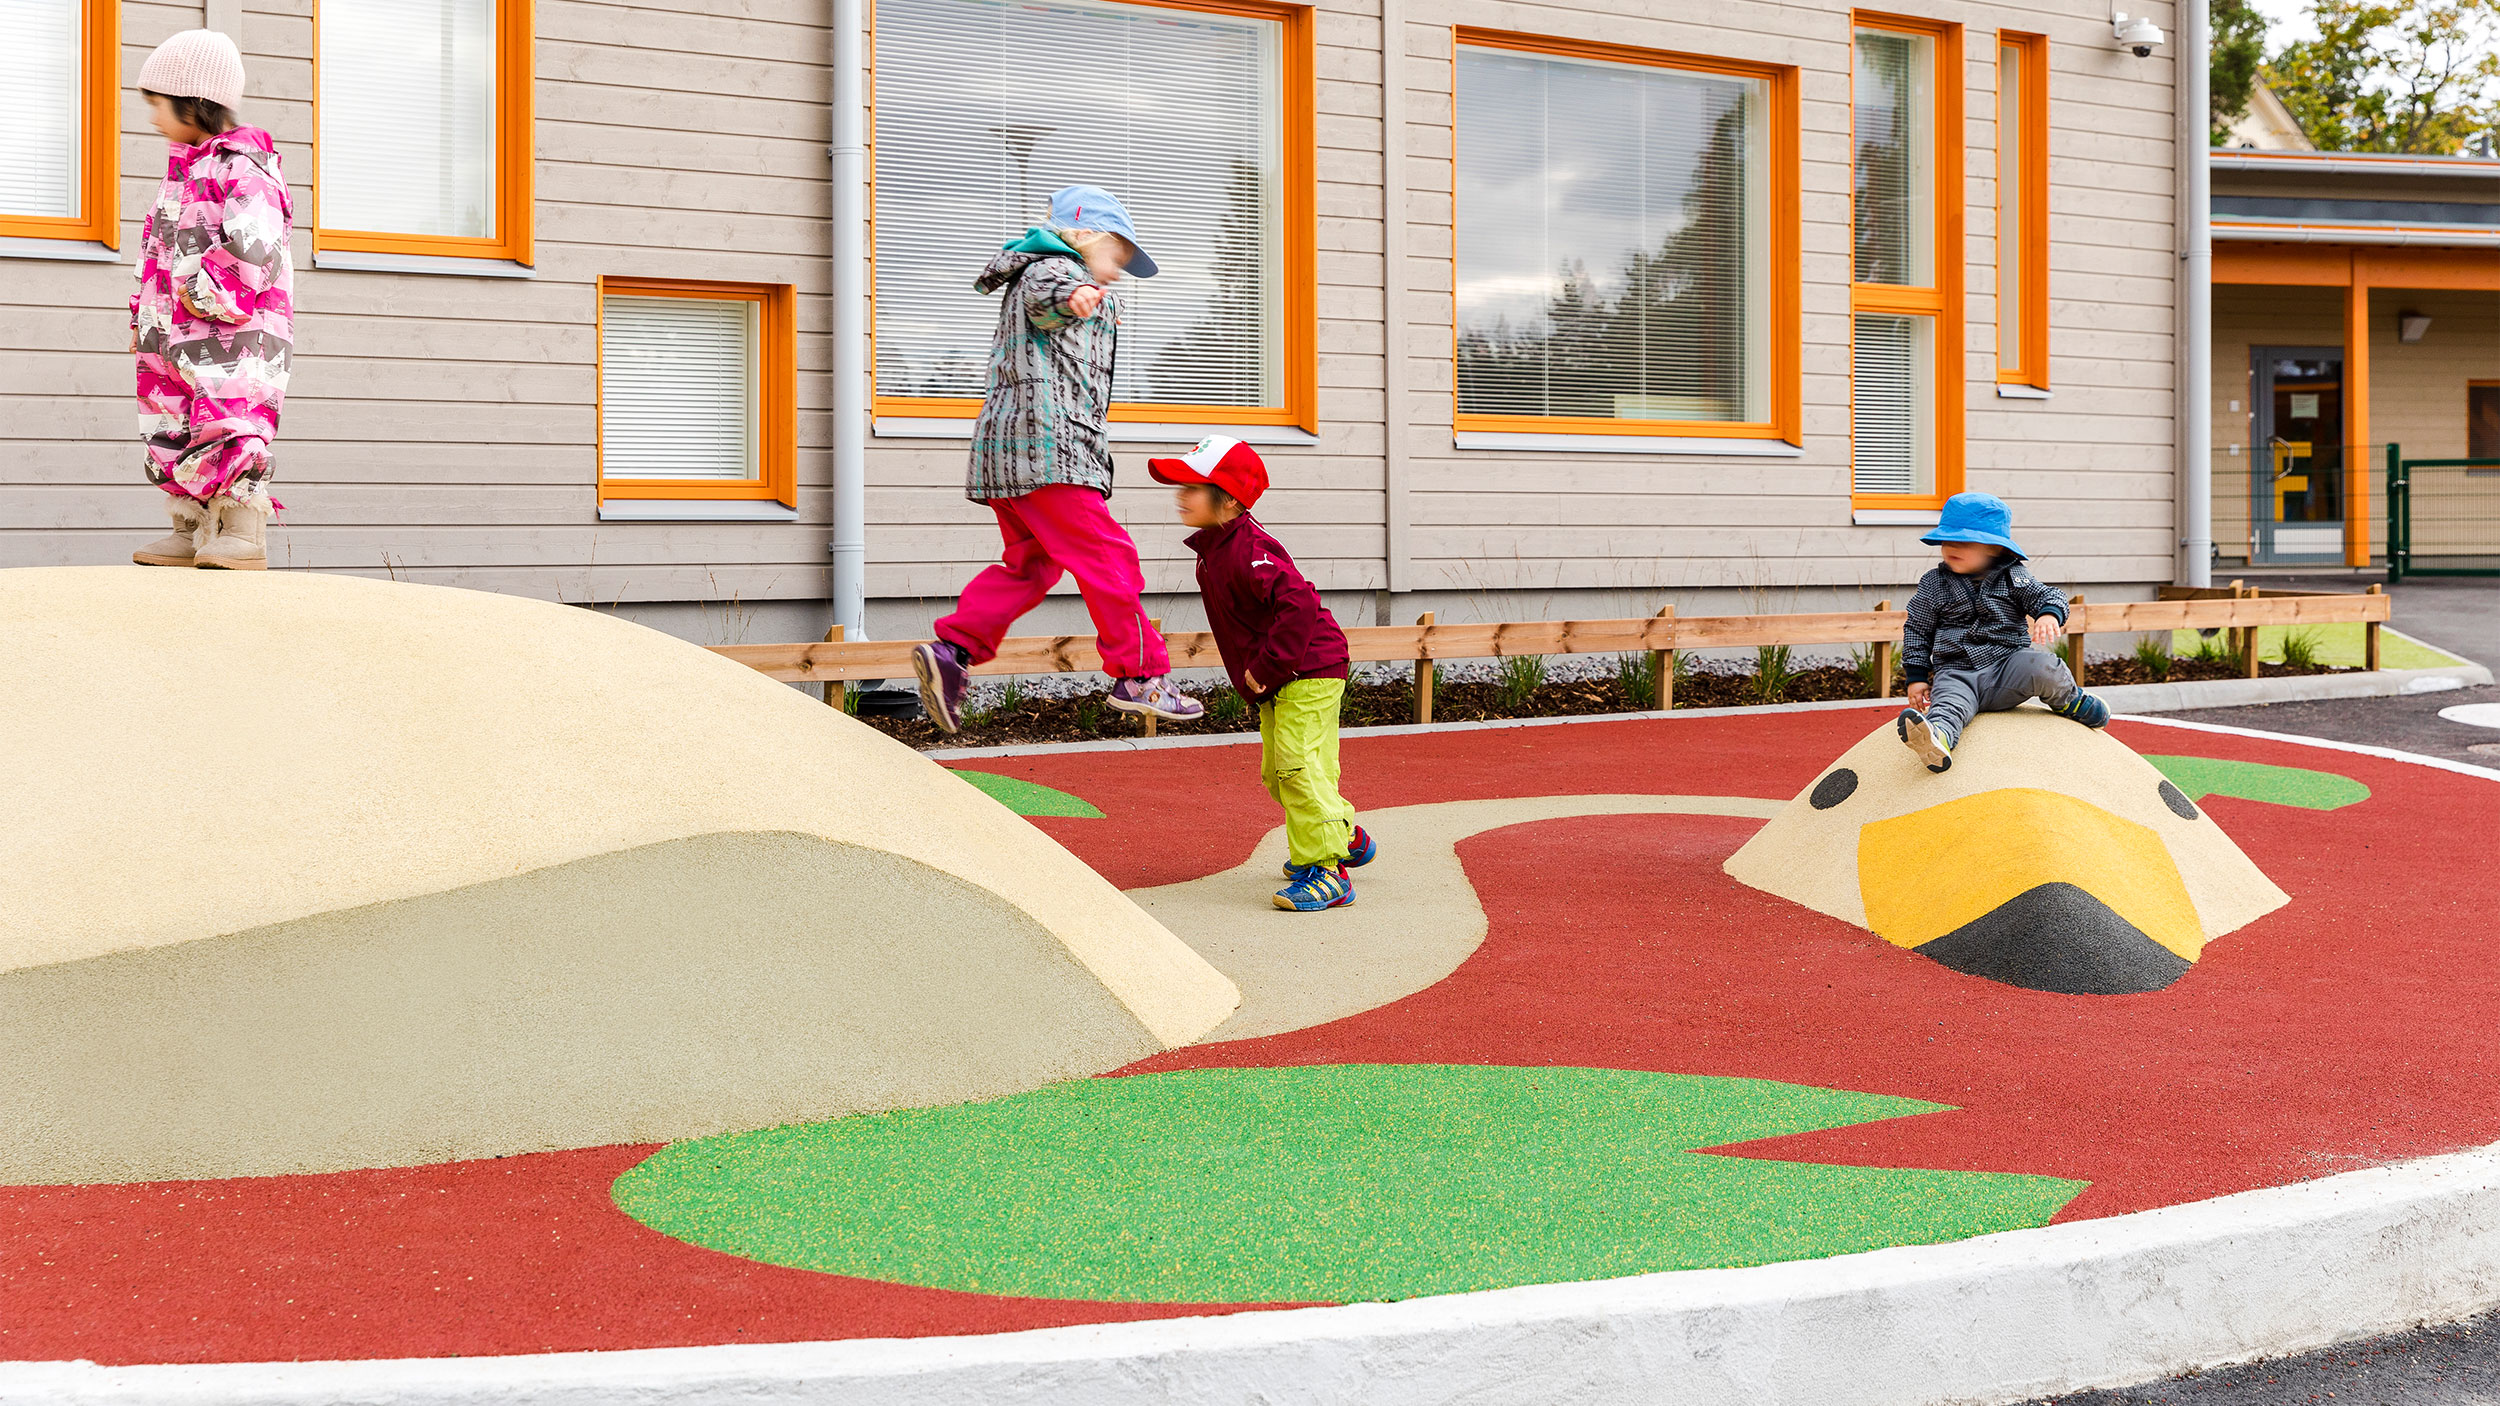 Lapset viettävät leikkipaikalla aikaa Joutsen-veistoksen seurassa ja juttelevat sille.